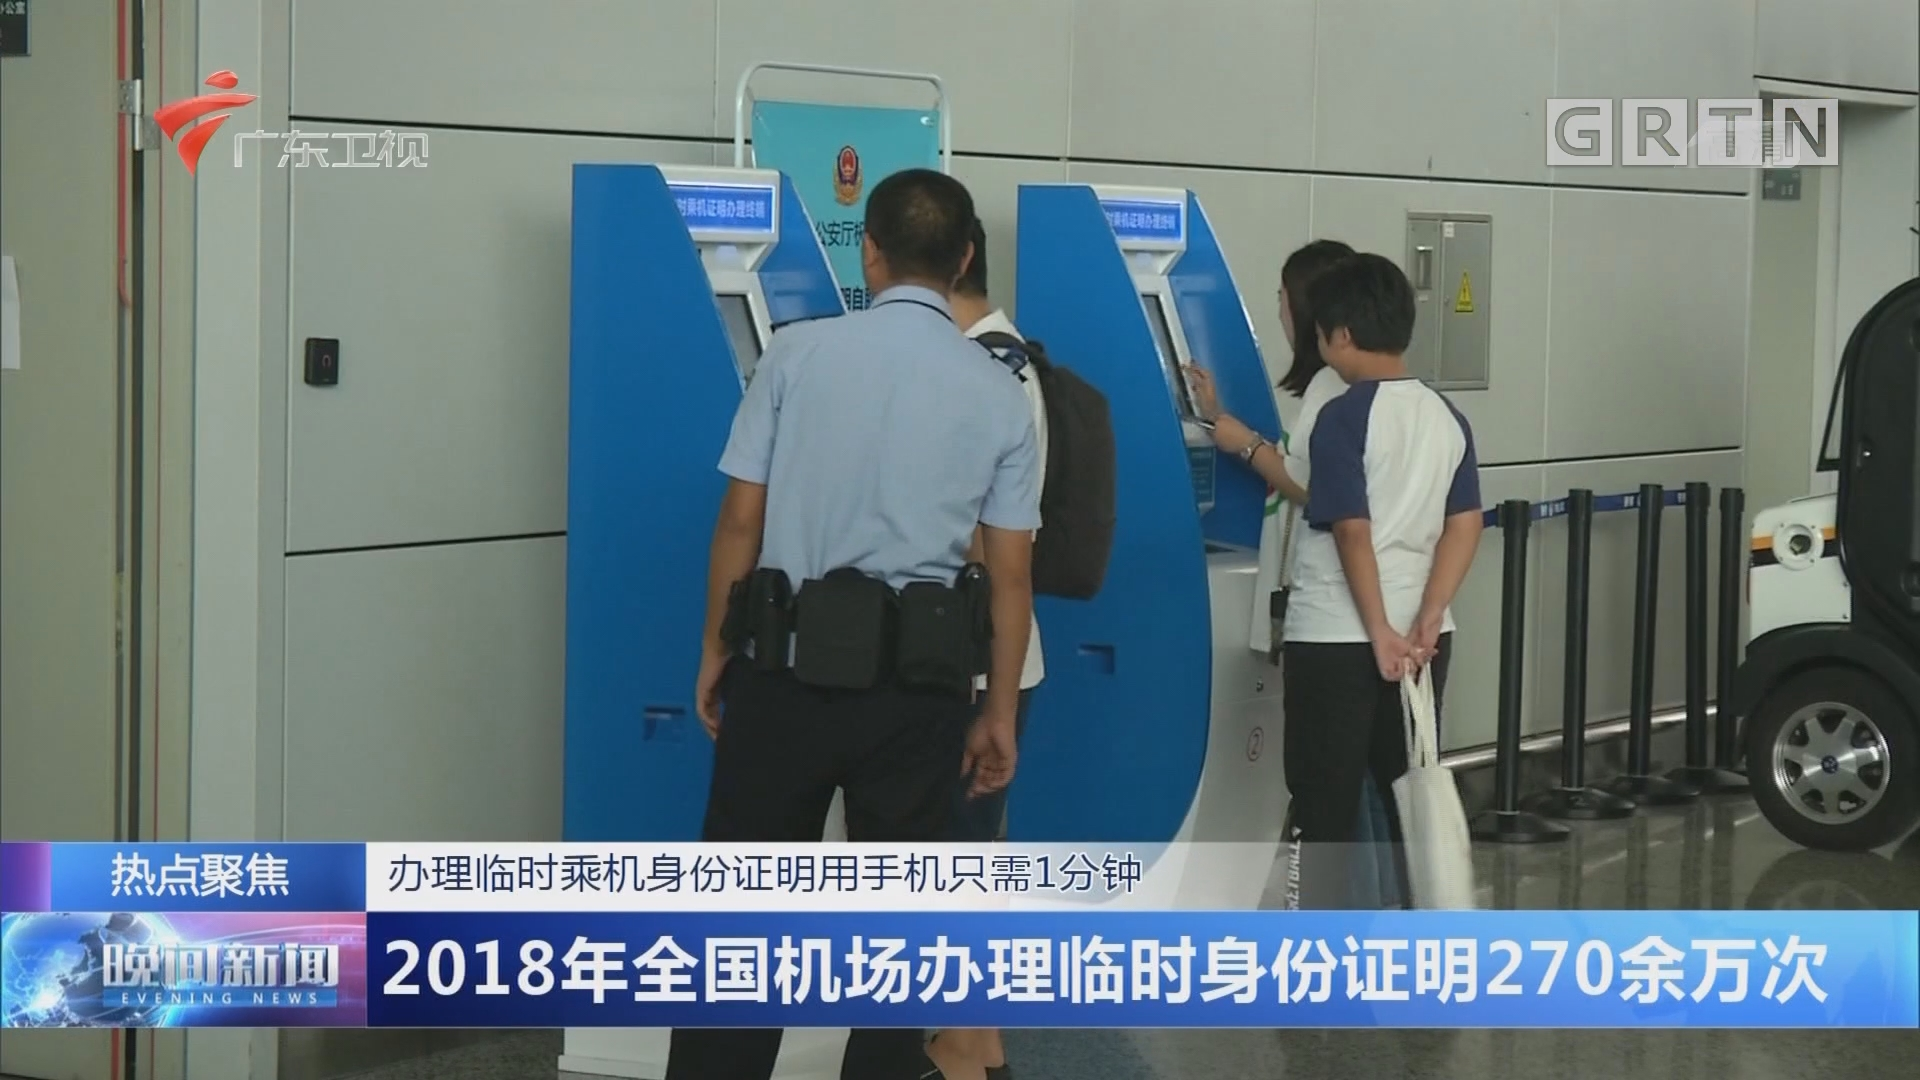 辦理臨時乘機身份證明用手機只需1分鐘 2018年全國機場辦理臨時身份證明270余萬次